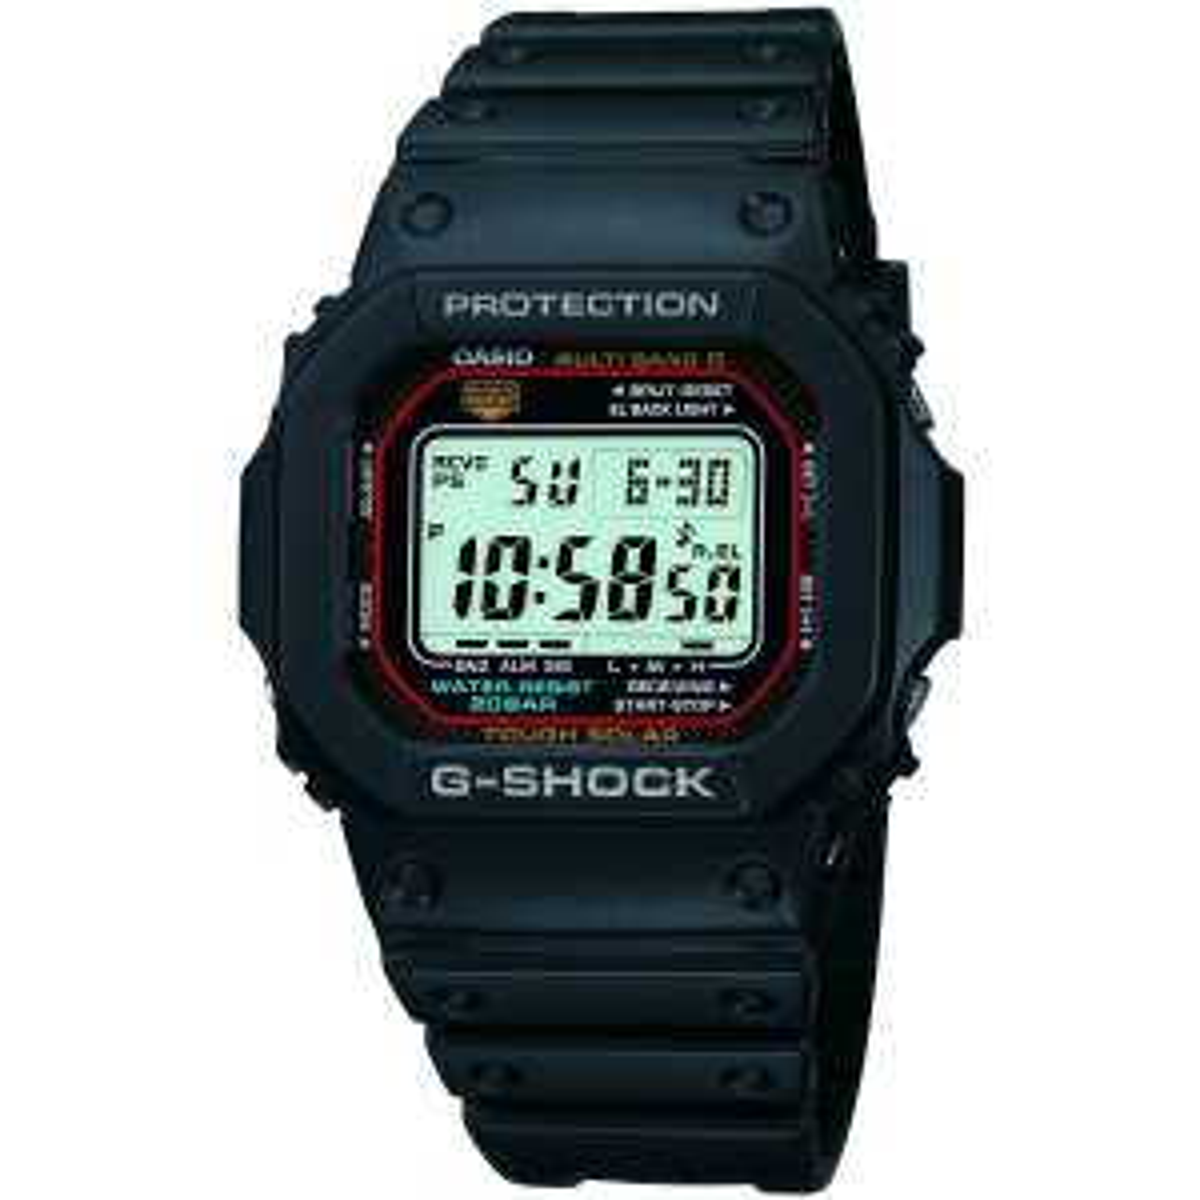 Casio G-Shock GW-M5610-1ER uhr @Watchshop.com